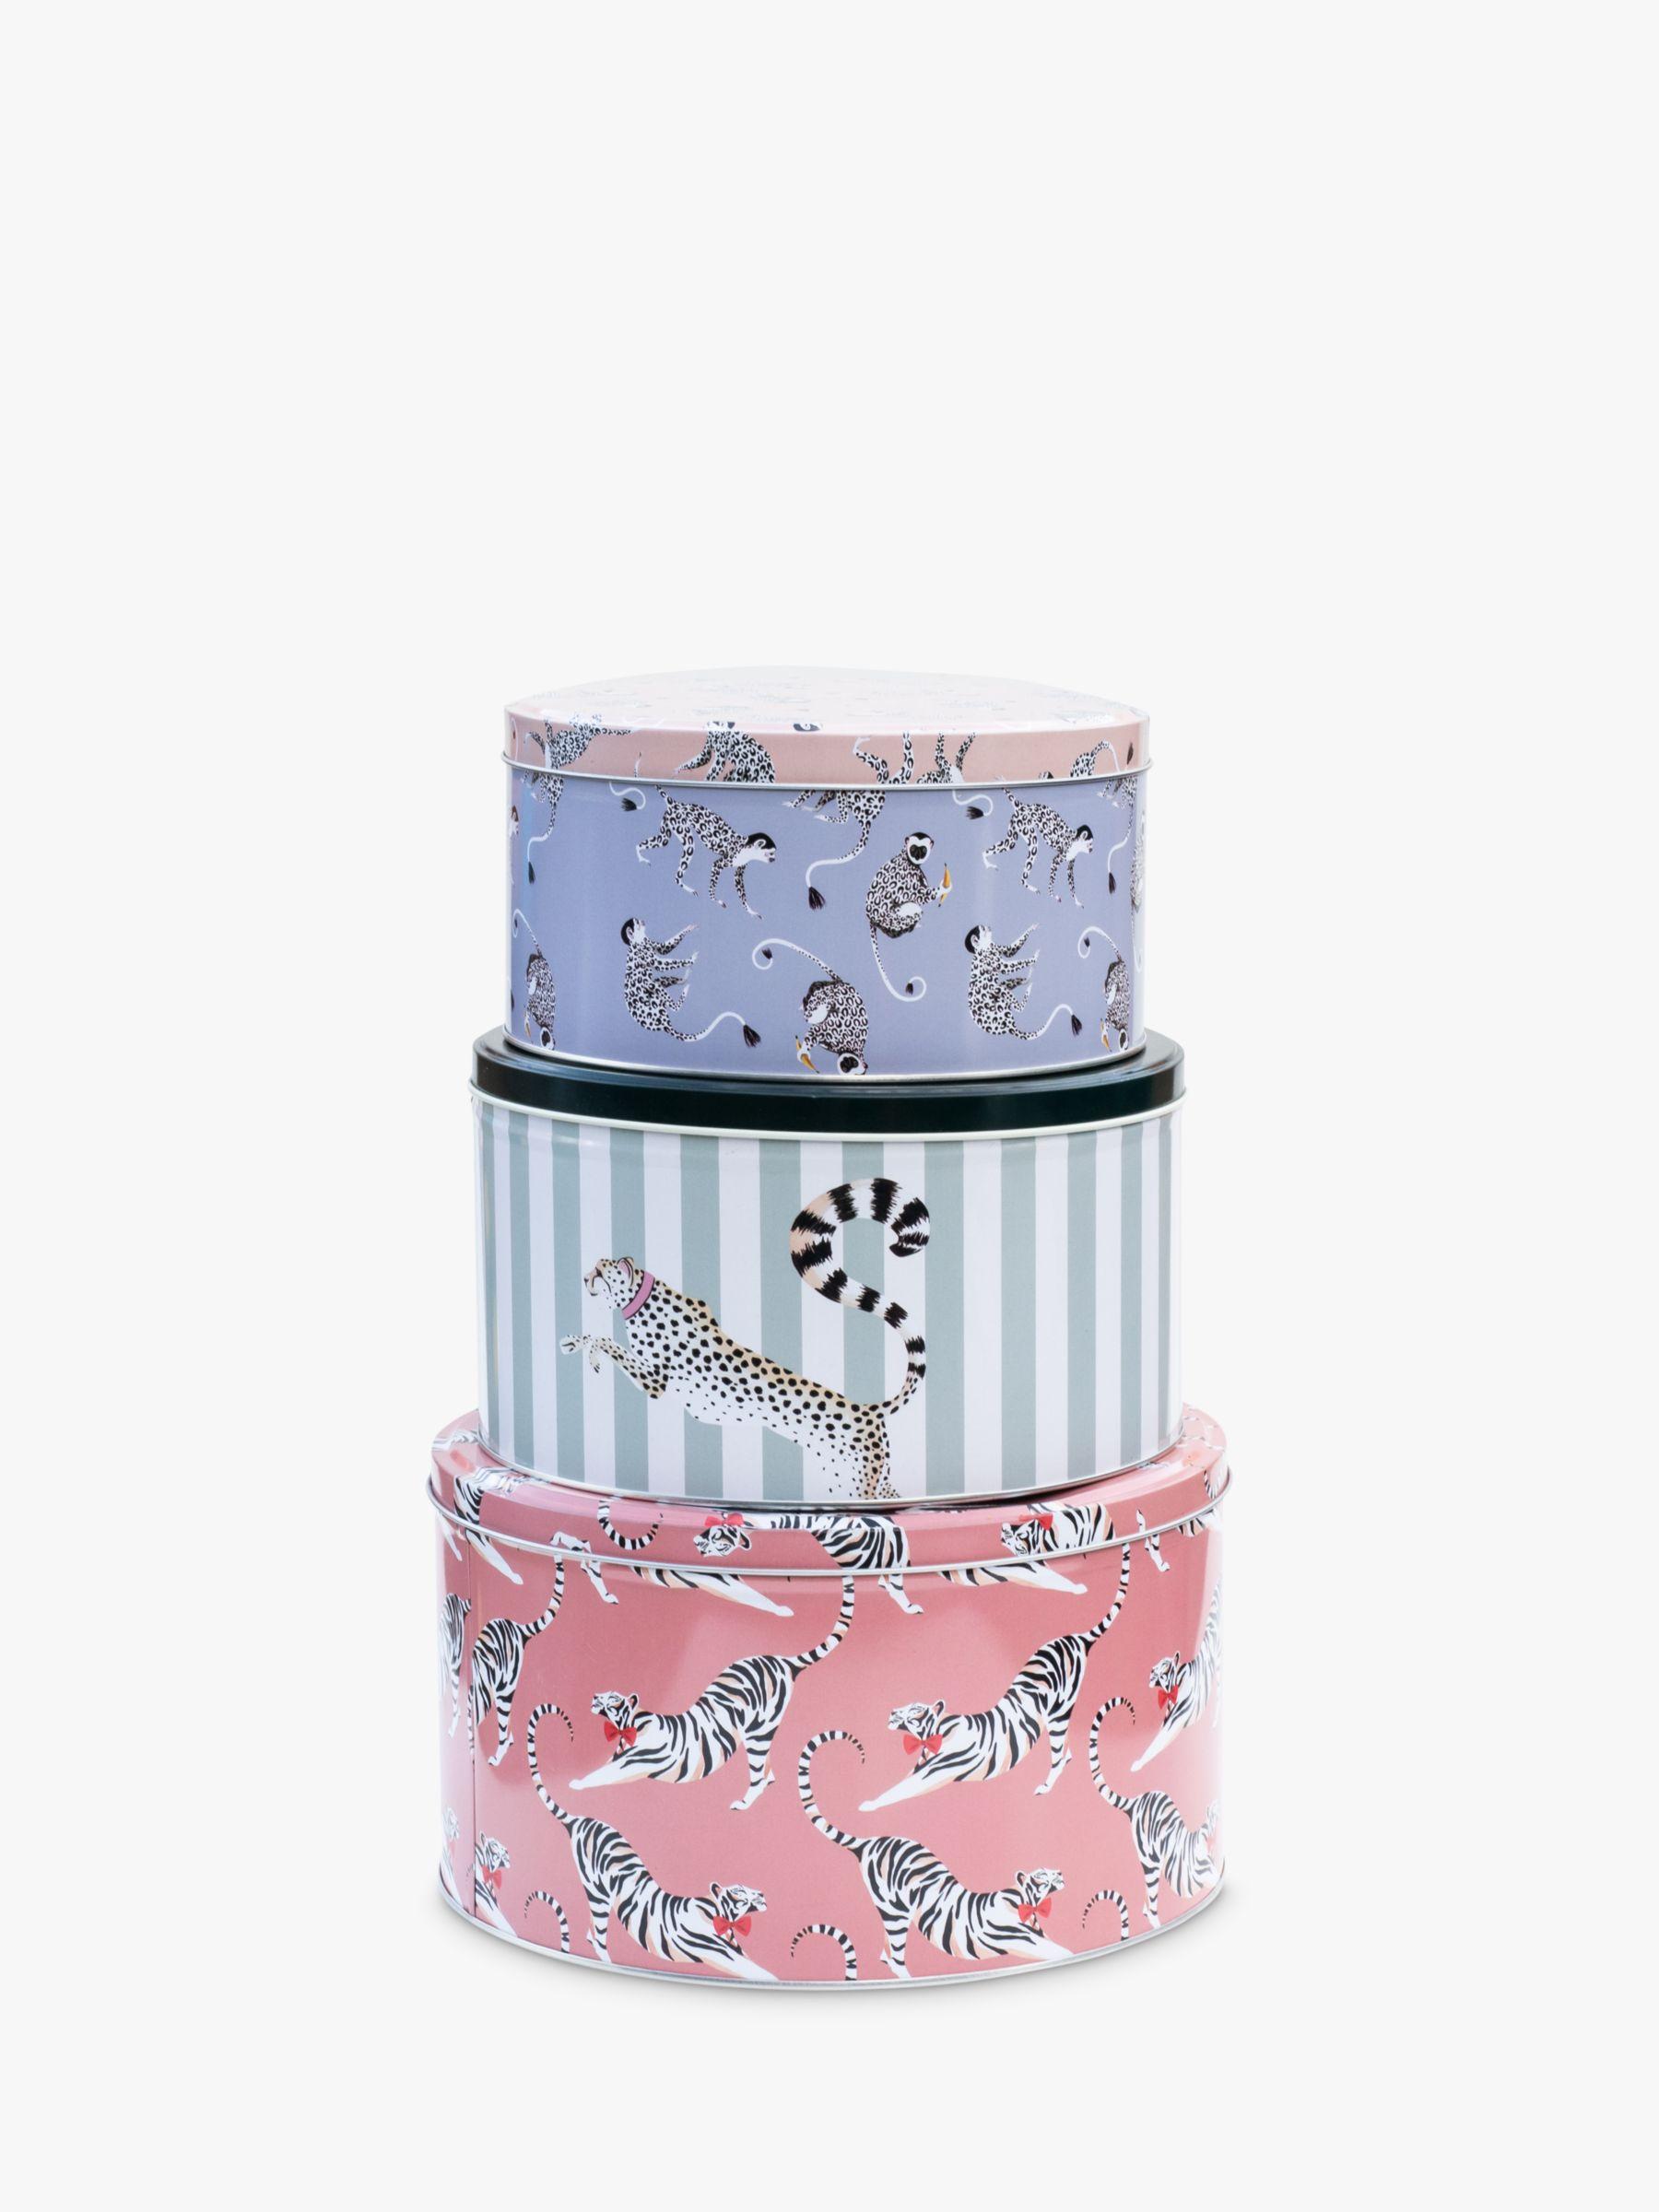 Yvonne Ellen Round Cake Tins, Set of 3, Pink/Multi